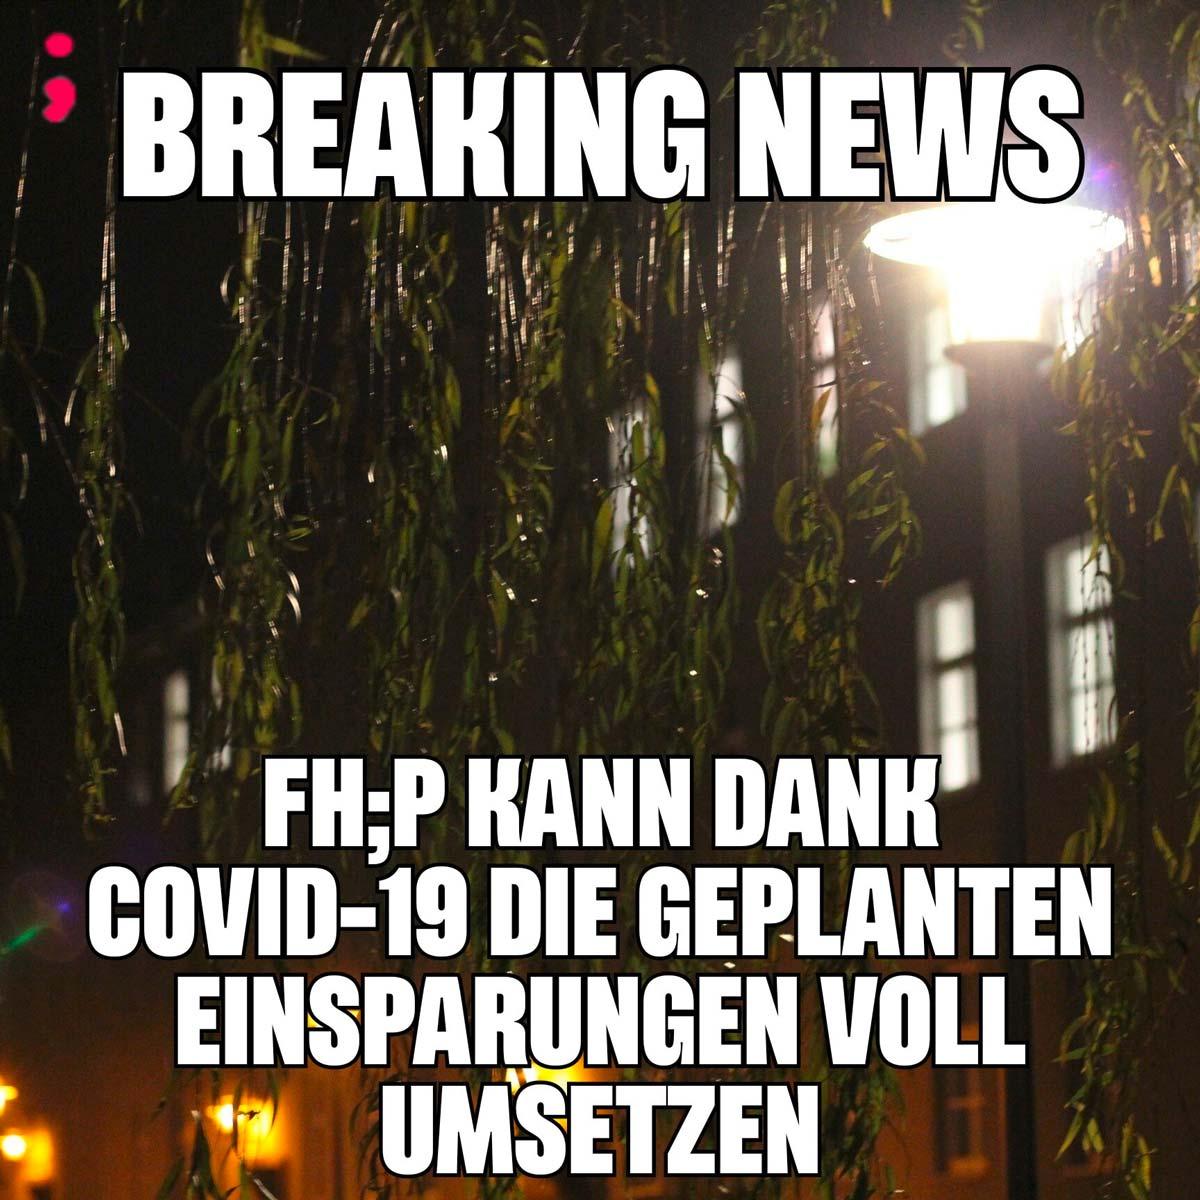 Breaking News, FHP kann dank COVID-19 die geplanten Einsparungen voll umsetzen